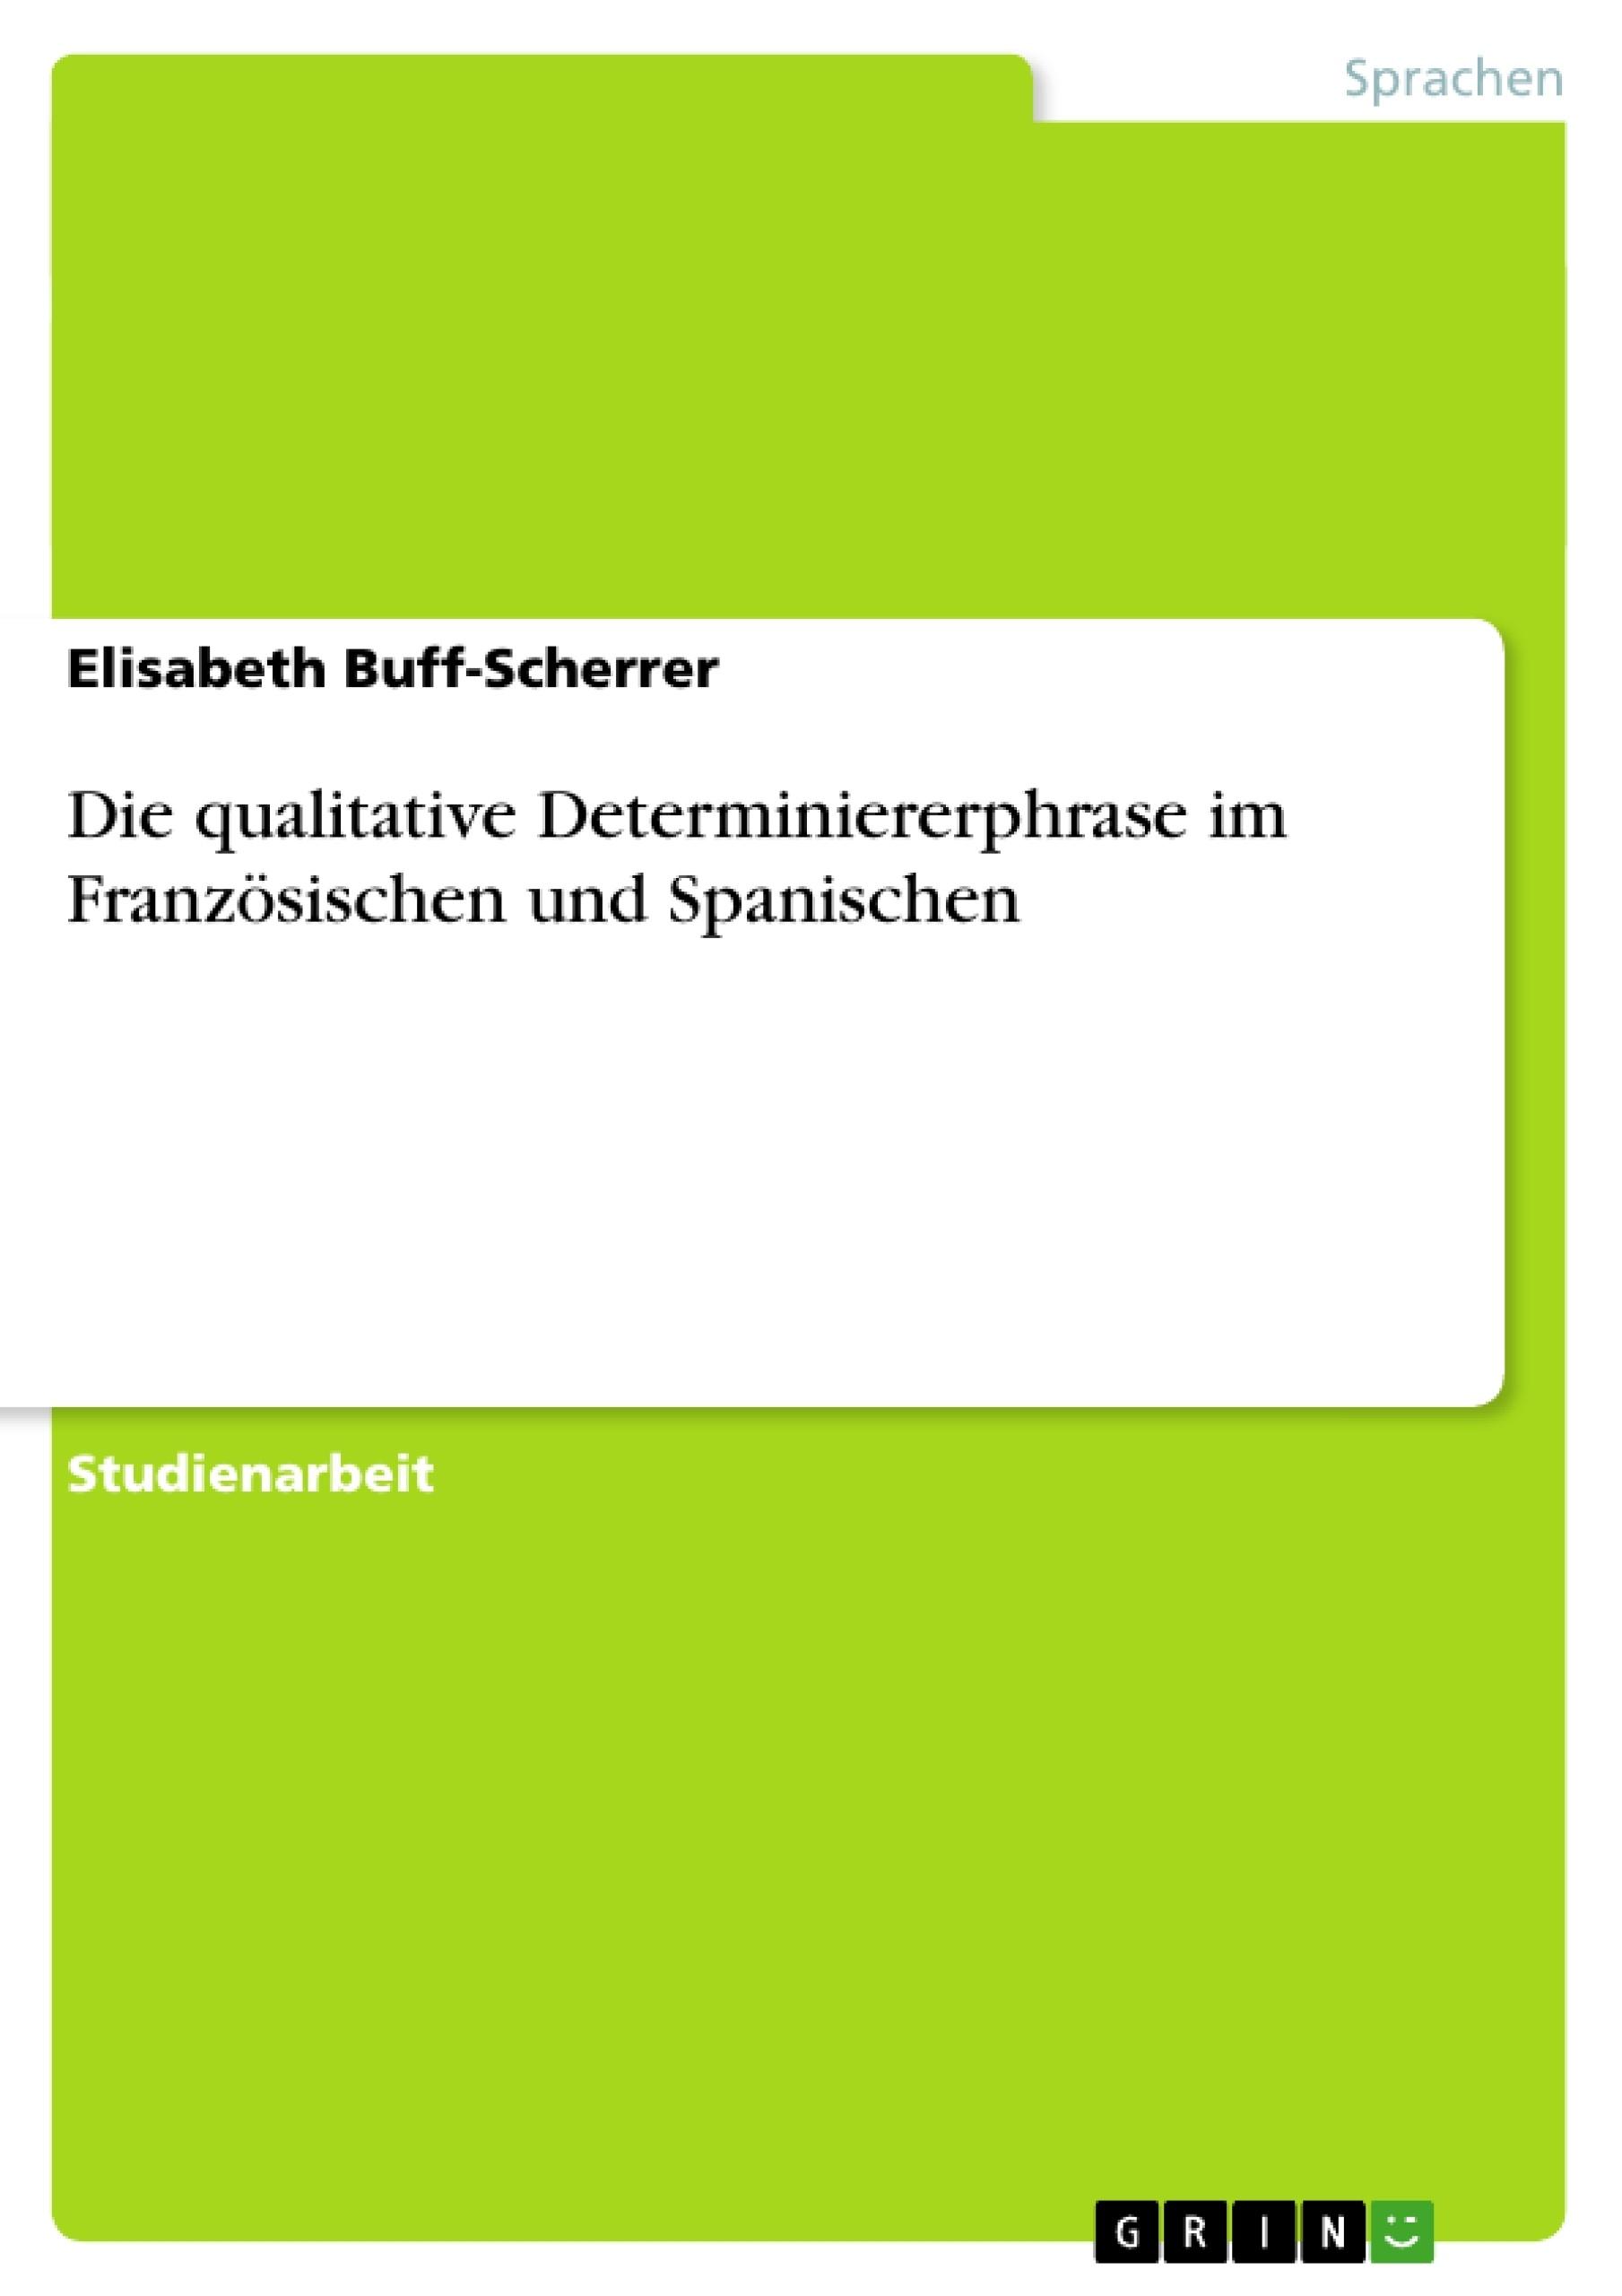 Titel: Die qualitative Determiniererphrase im Französischen und Spanischen